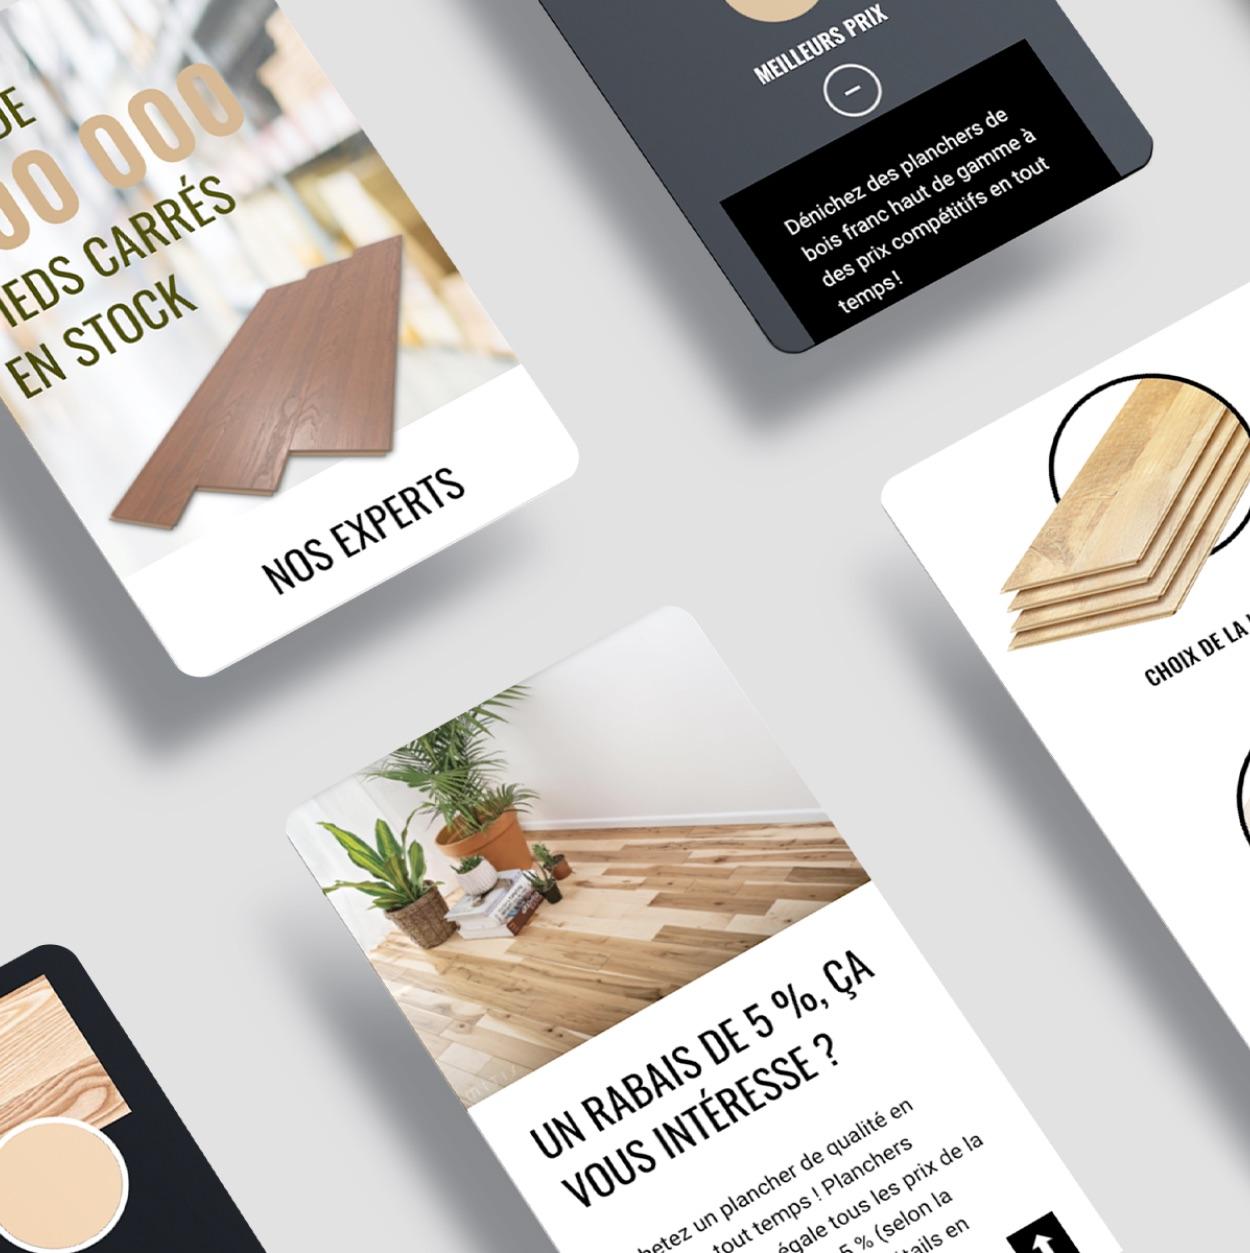 Création de contenu | Rédaction Web | Design optimisé